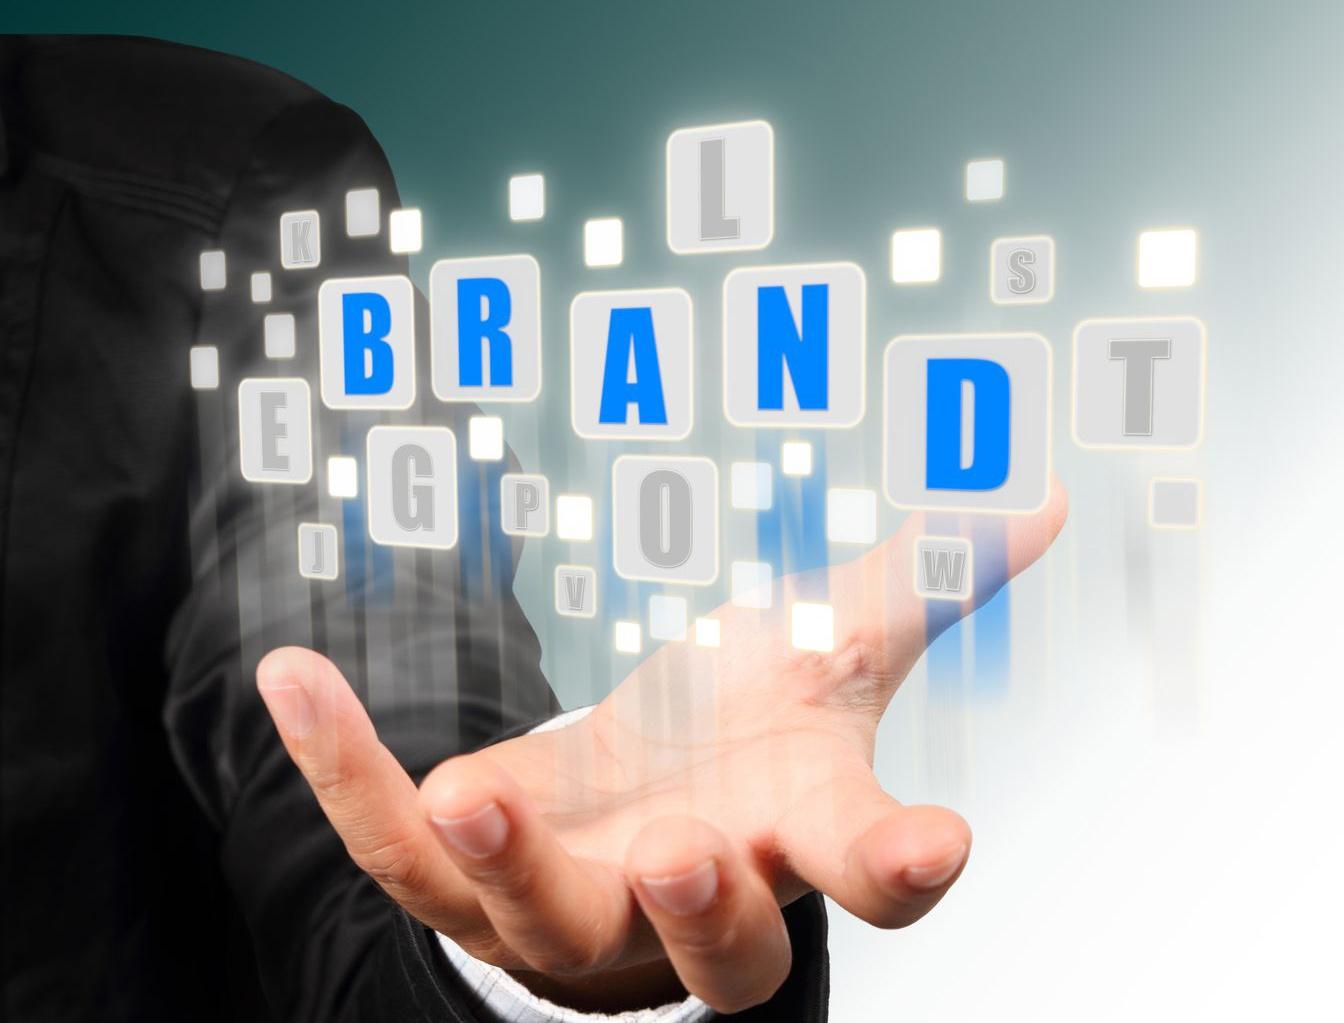 ¿Cómo crear una marca digital?